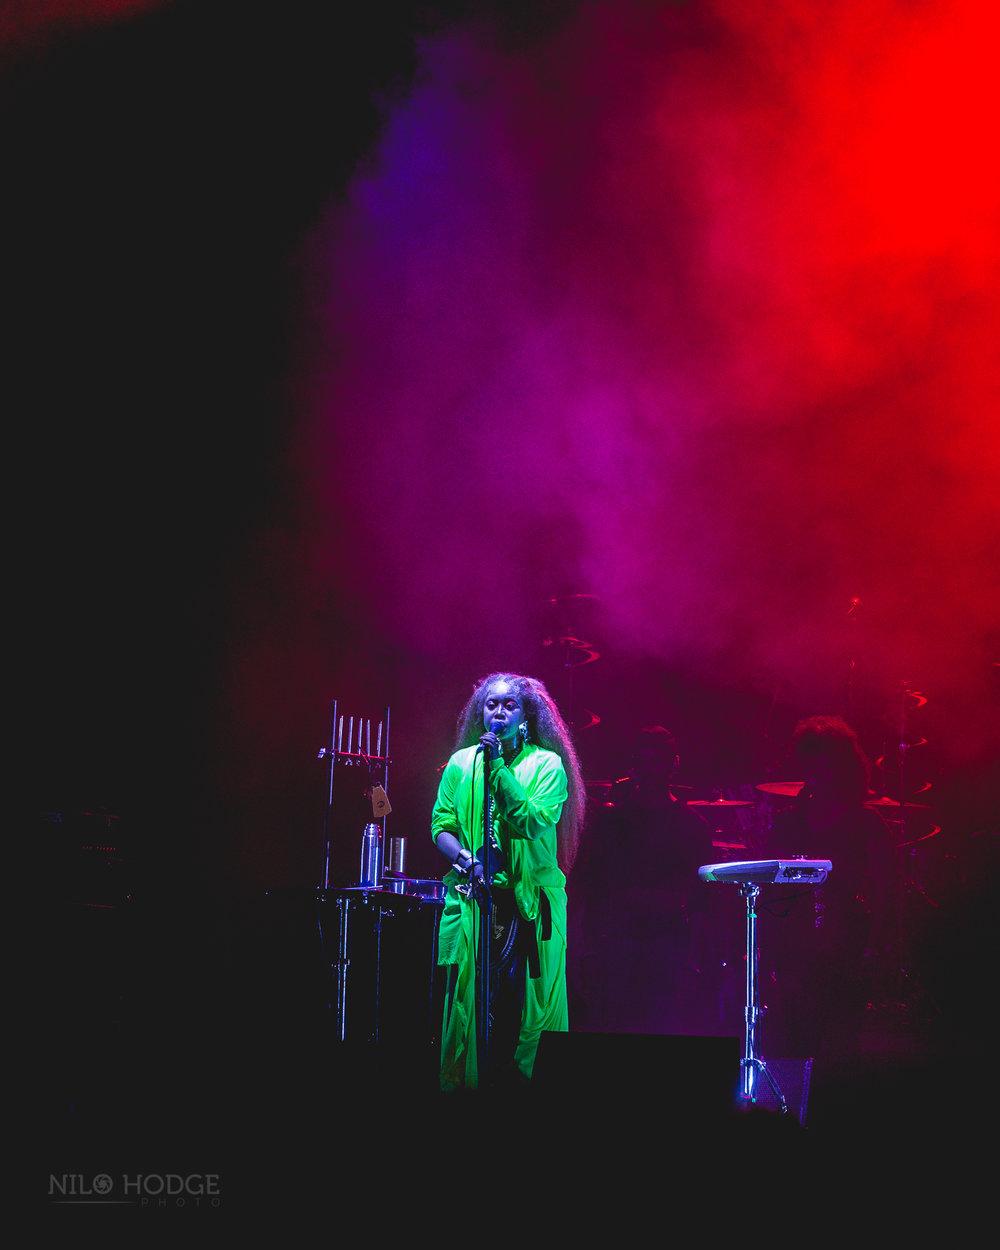 Erykah Badu at AfroPunk Fest in Brooklyn, NY